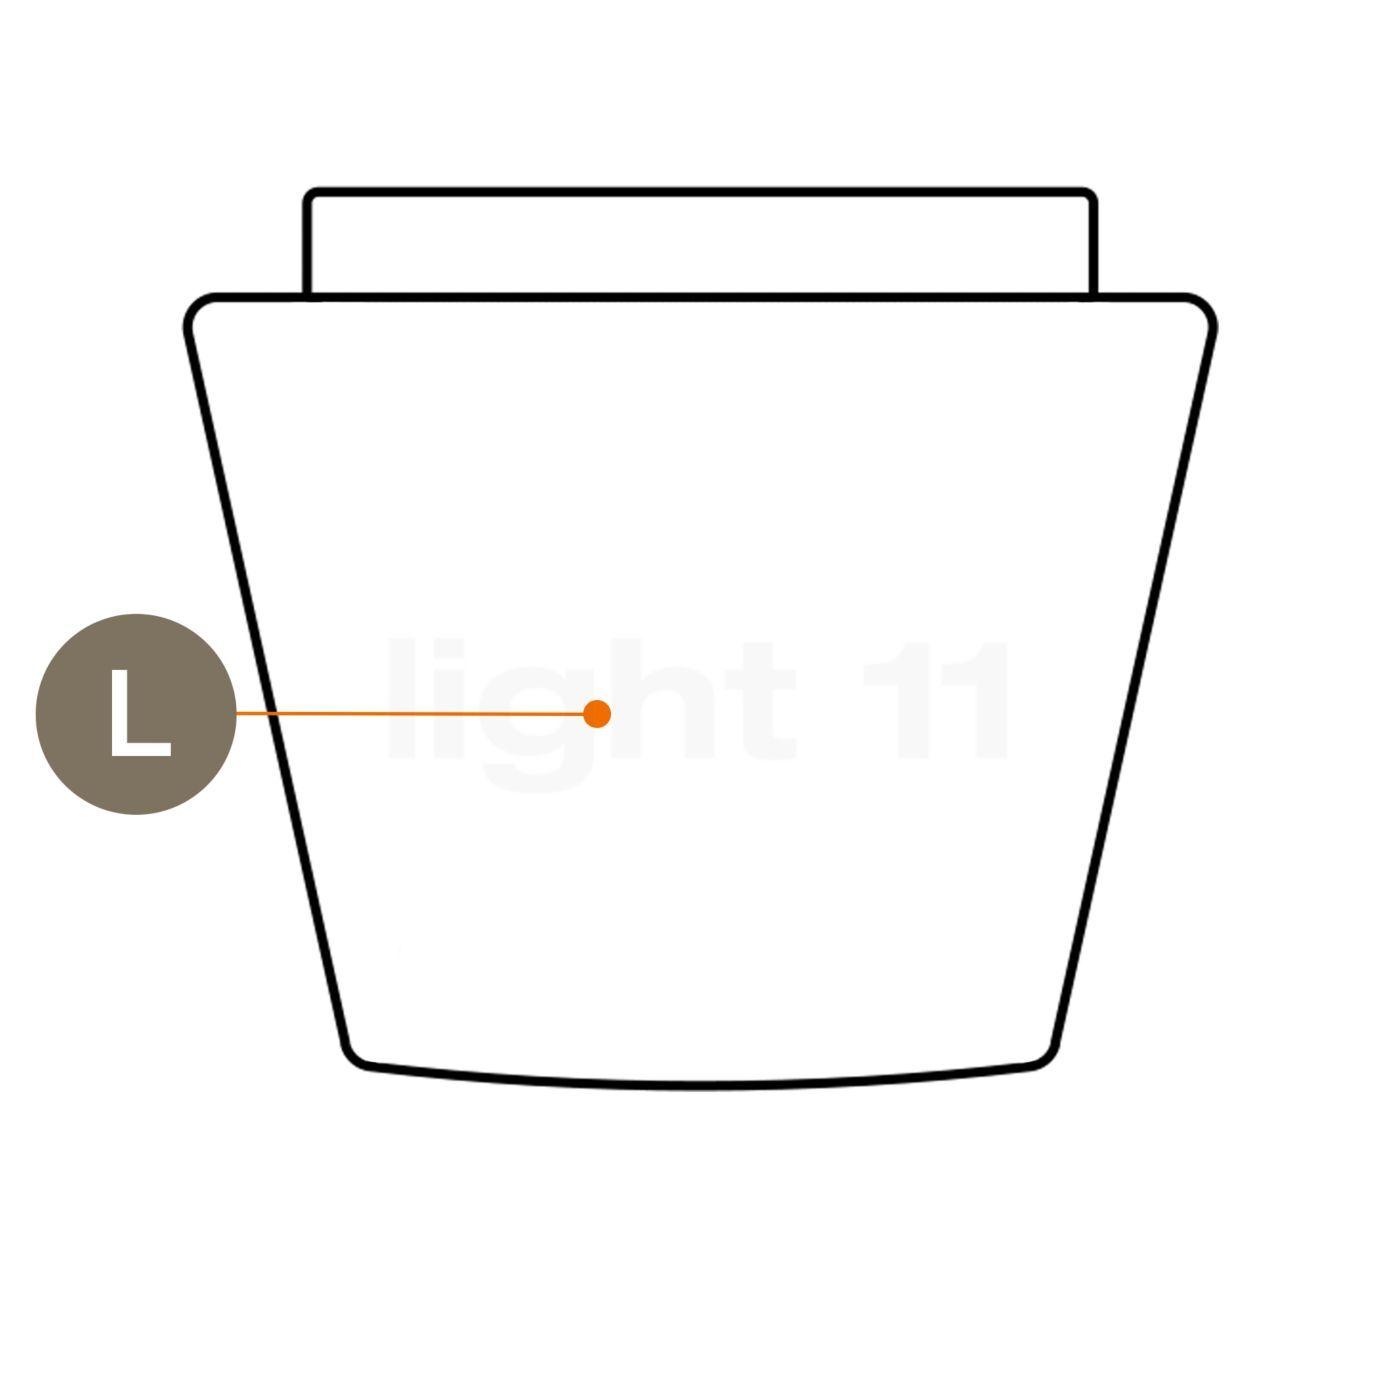 Serien Lighting abat-jour en verre pour Annex - pièce détachée, Abat-jour en verre pour joint en caoutchouc, grand, pour l'annexe Halogène